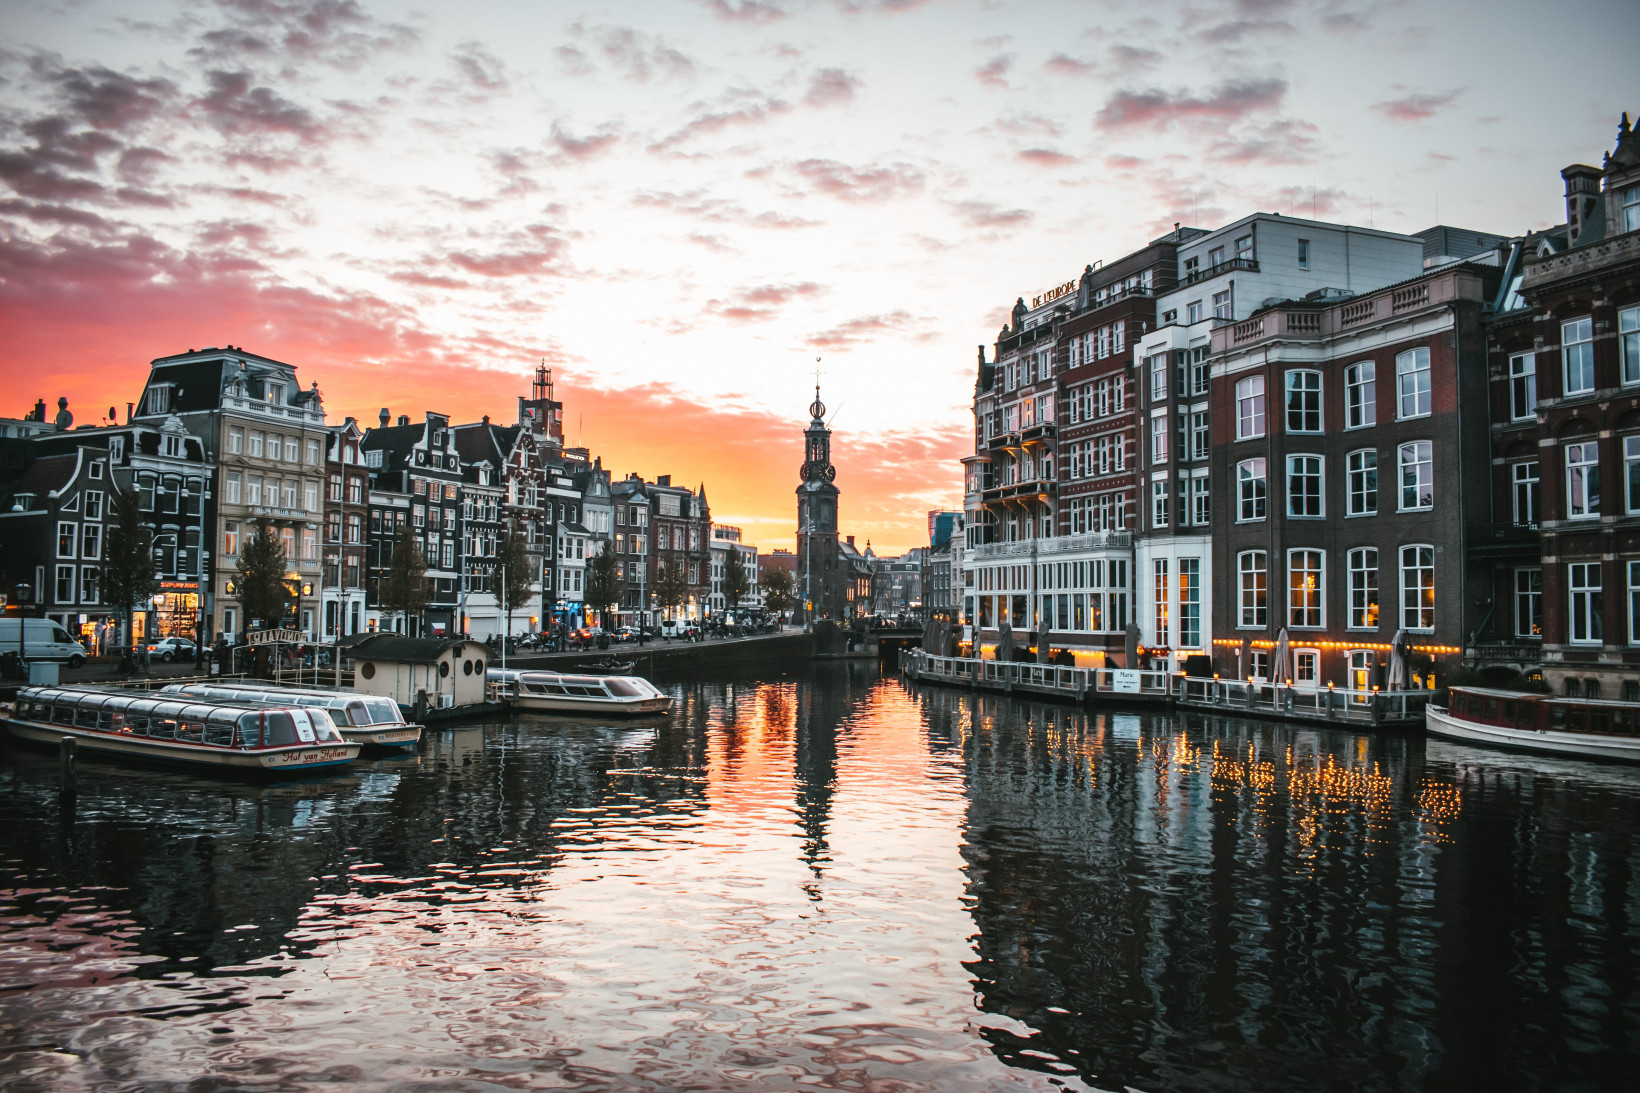 Foto von Max van den Oetelaar auf Unsplash